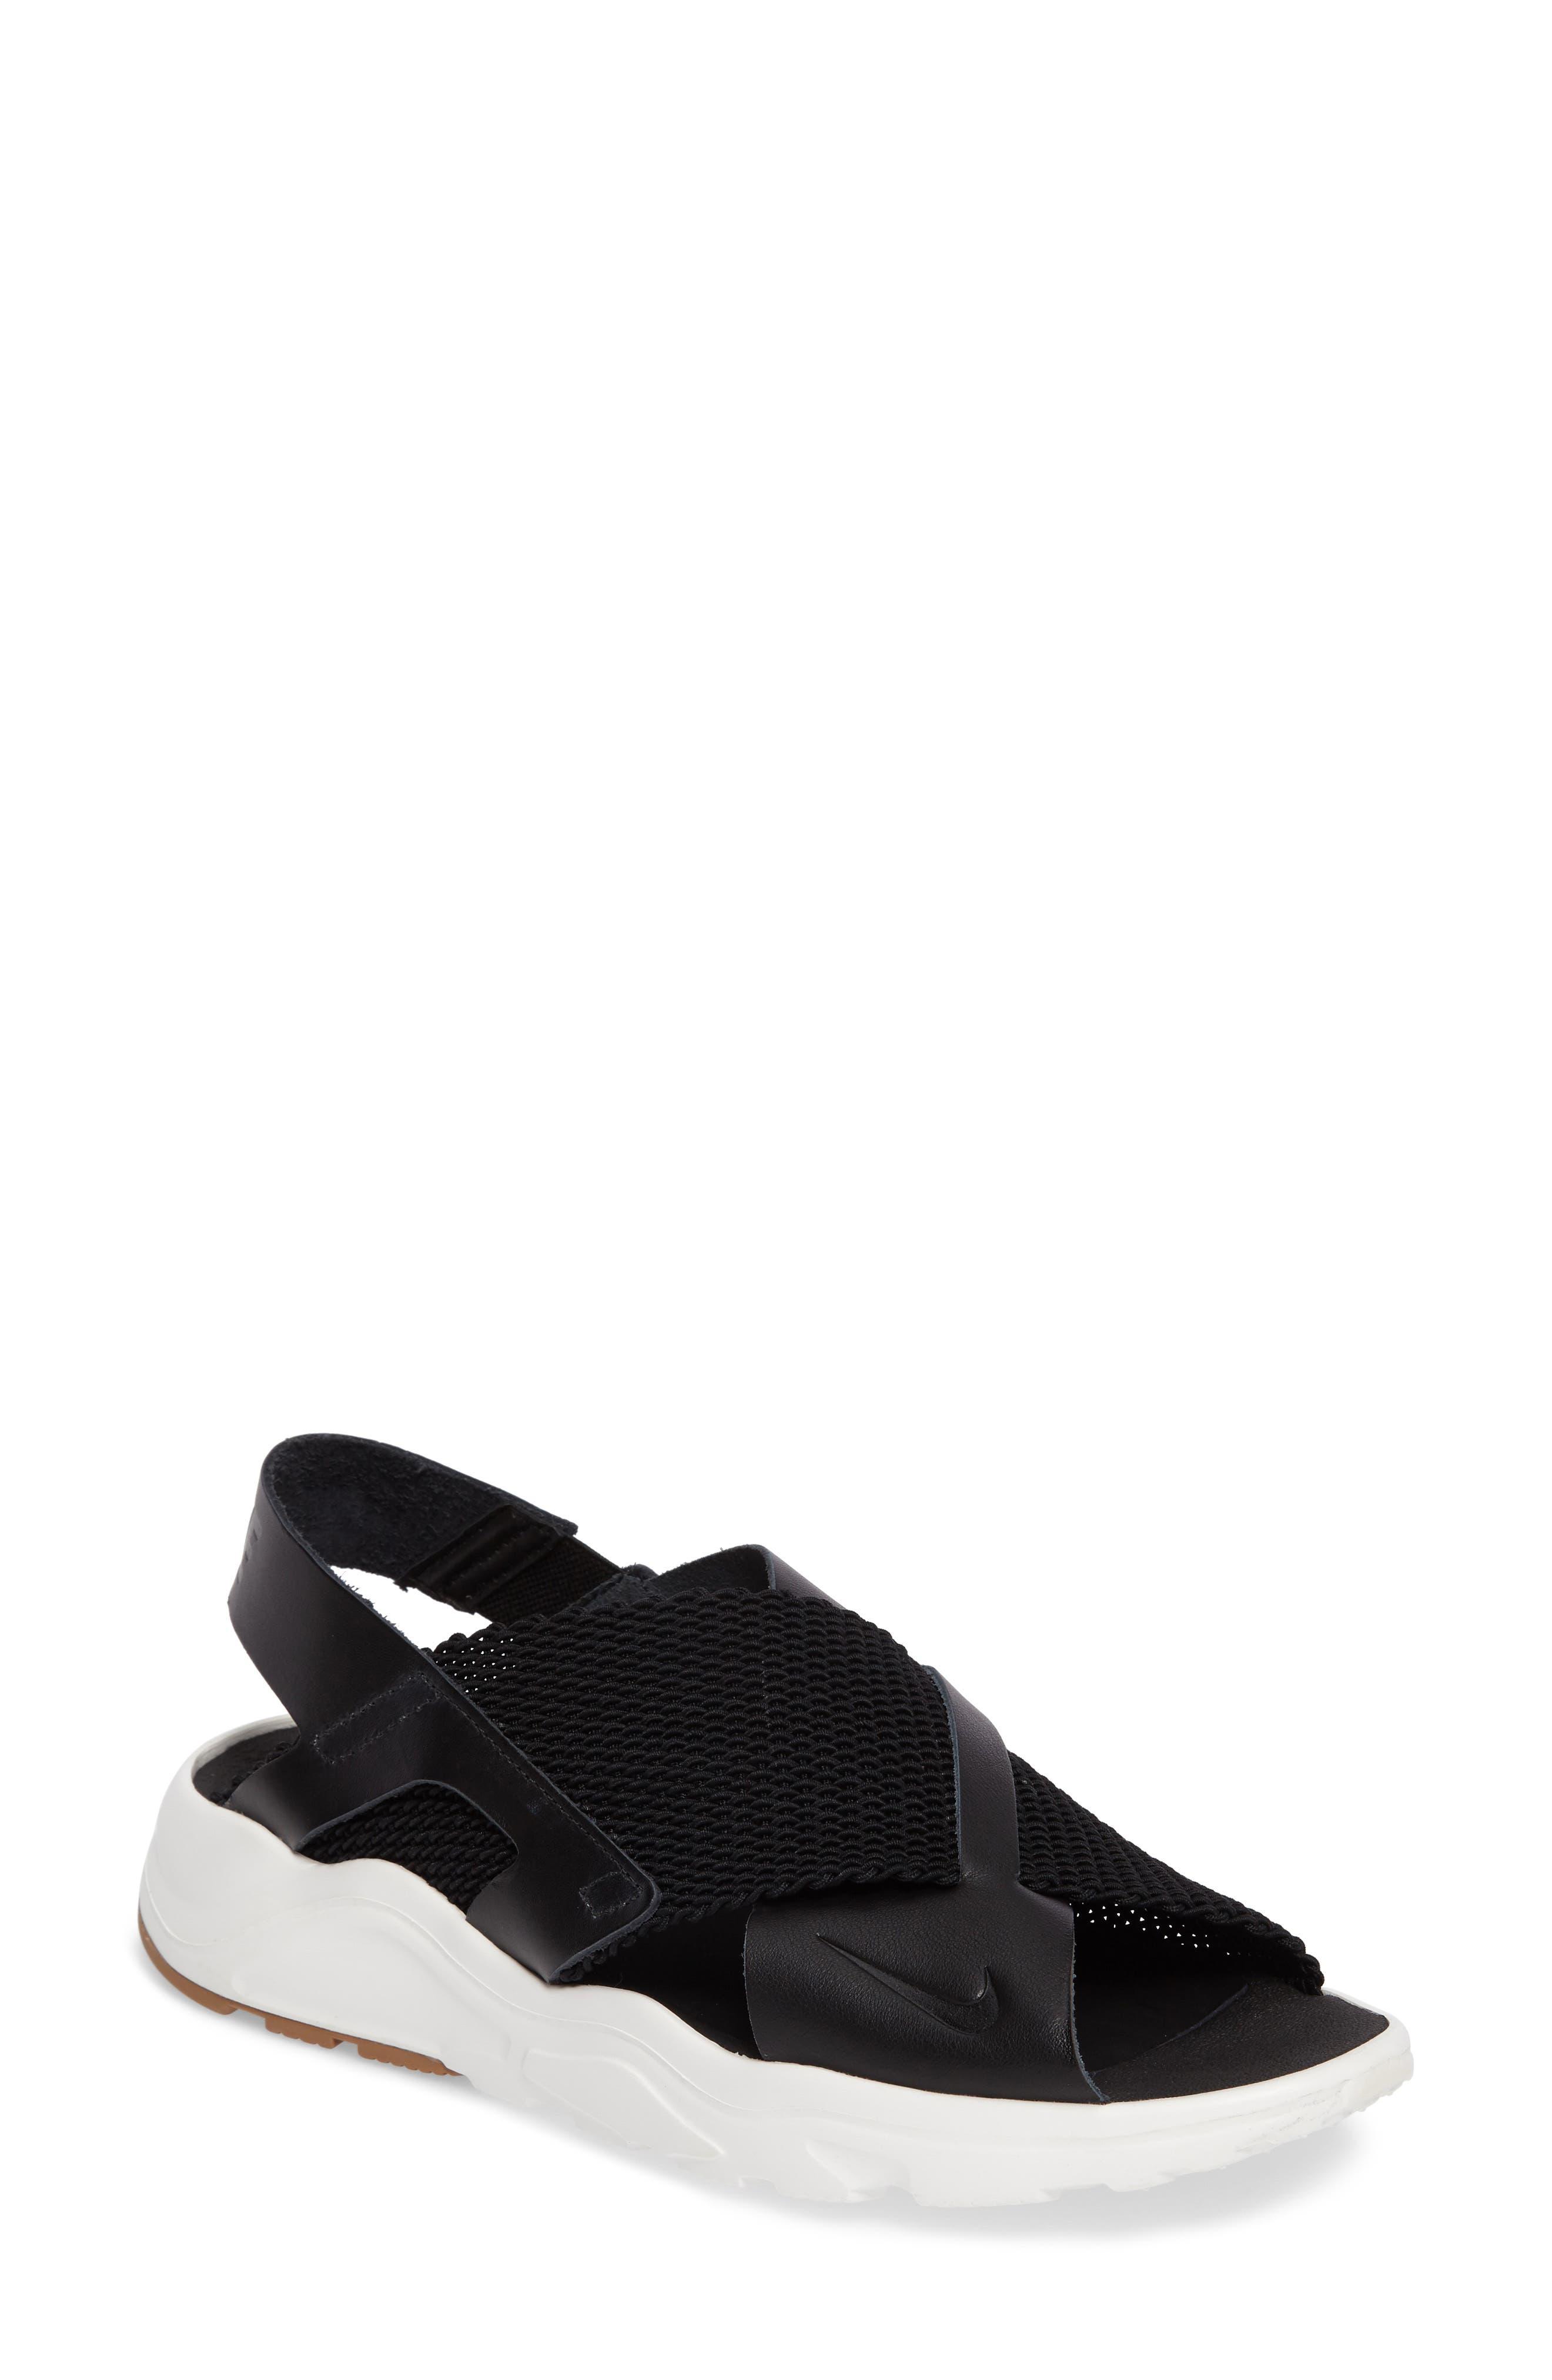 Air Huarache Ultra Sport Sandal,                             Main thumbnail 1, color,                             Black/ Black/ Sail/ Gum Brown